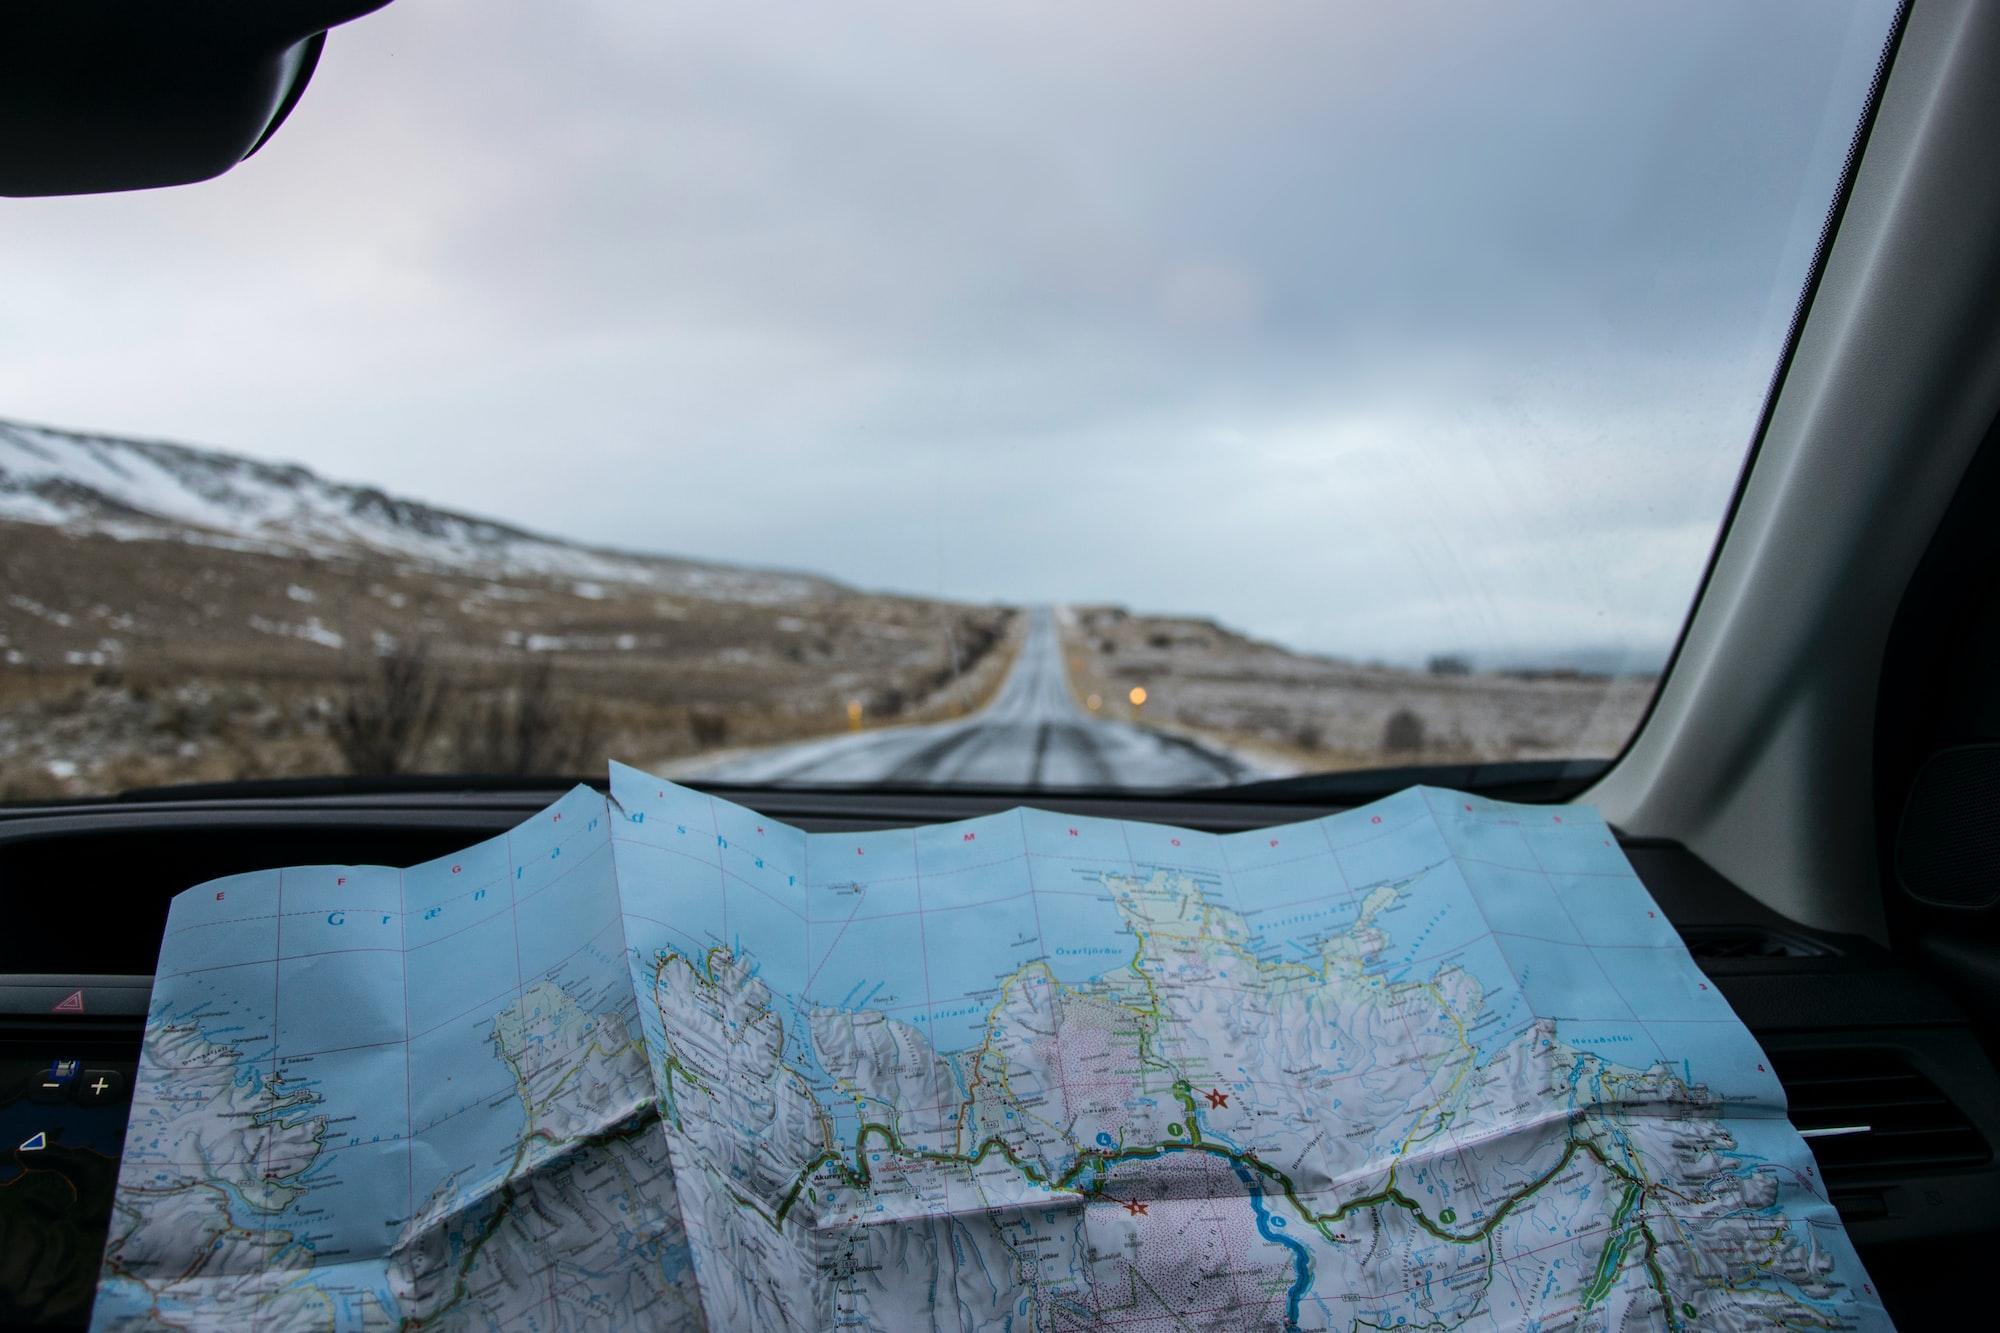 Go on a trip. Make an adventure.